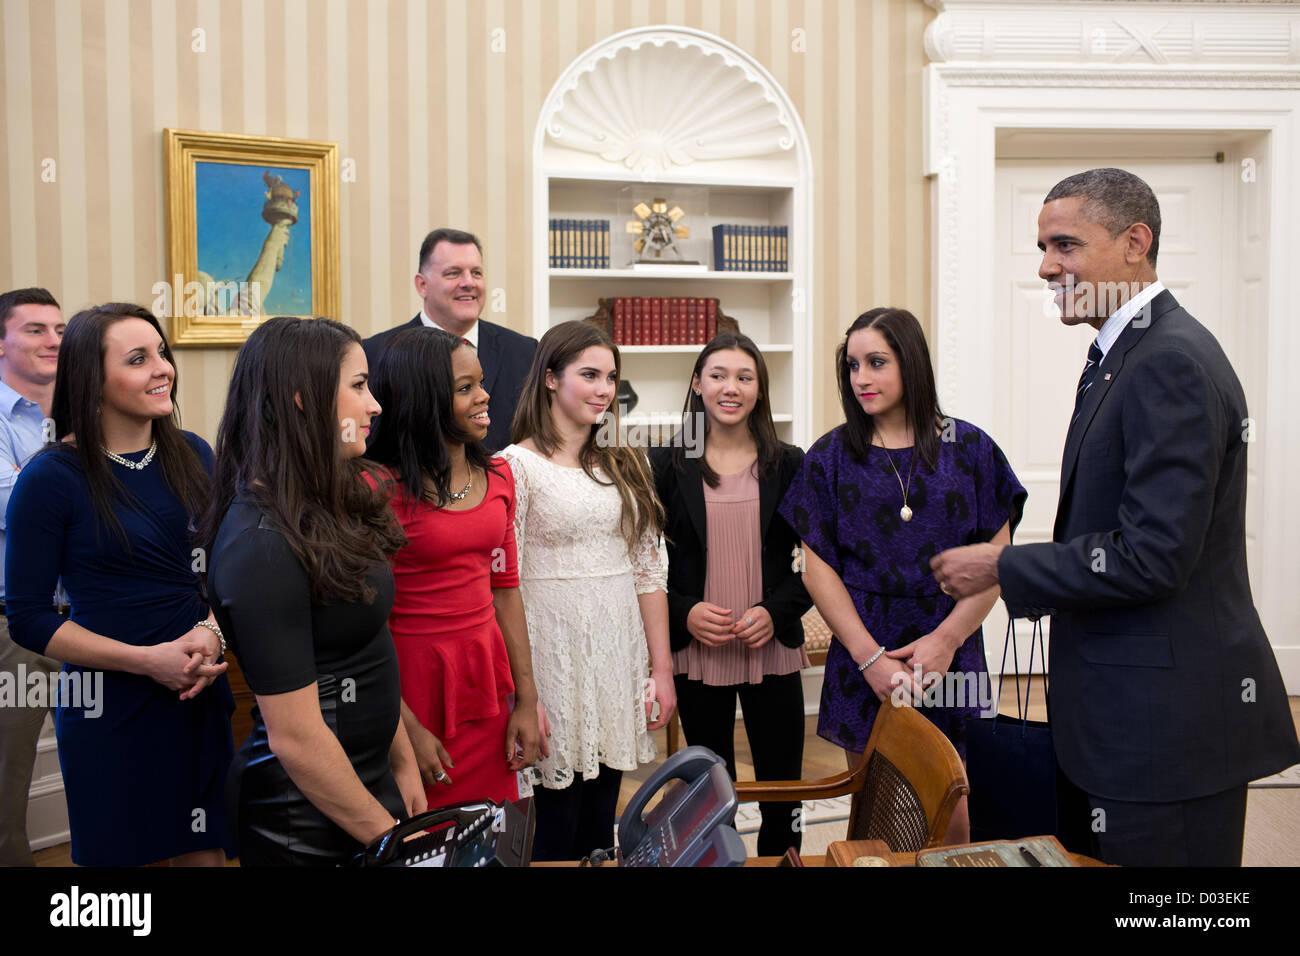 El presidente estadounidense, Barack Obama, conversaciones con los miembros de los equipos de gimnasia olímpica Imagen De Stock